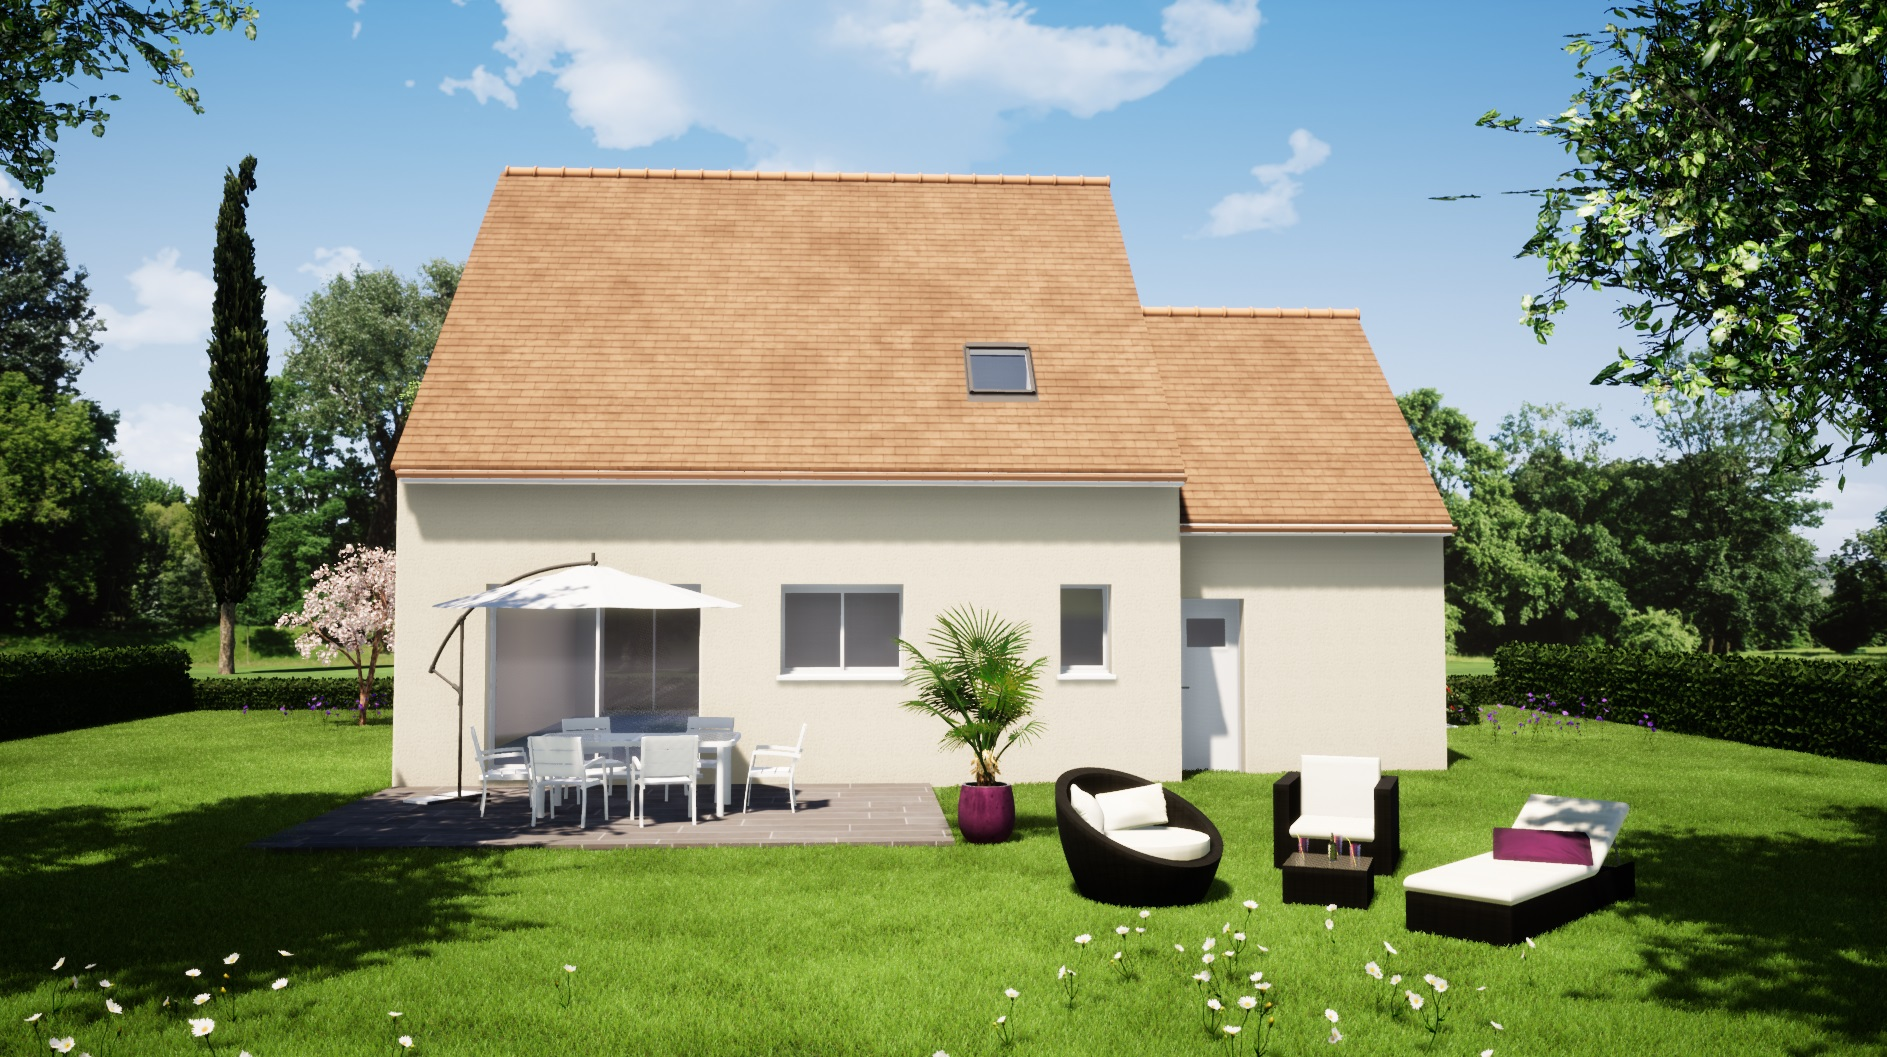 Modèle guécélard 72230 arrière maison 4 chambres constructeur maison le mans constructeur maison en sarthe maisons LG